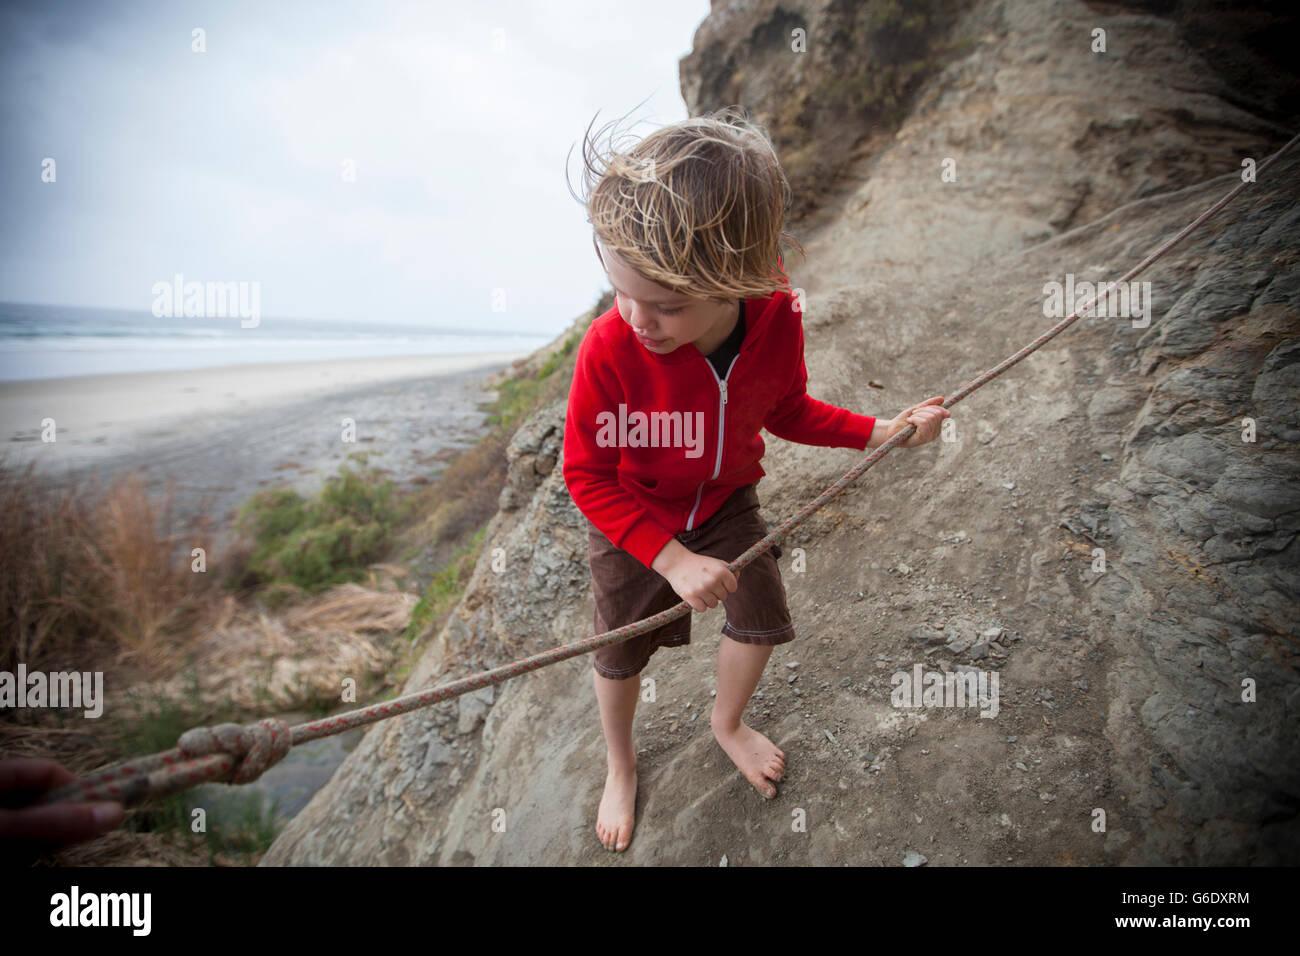 Niño de menos de 5 años de edad, usando la cuerda para bajar de la pared a Blacks Beach, La Jolla, California. Imagen De Stock